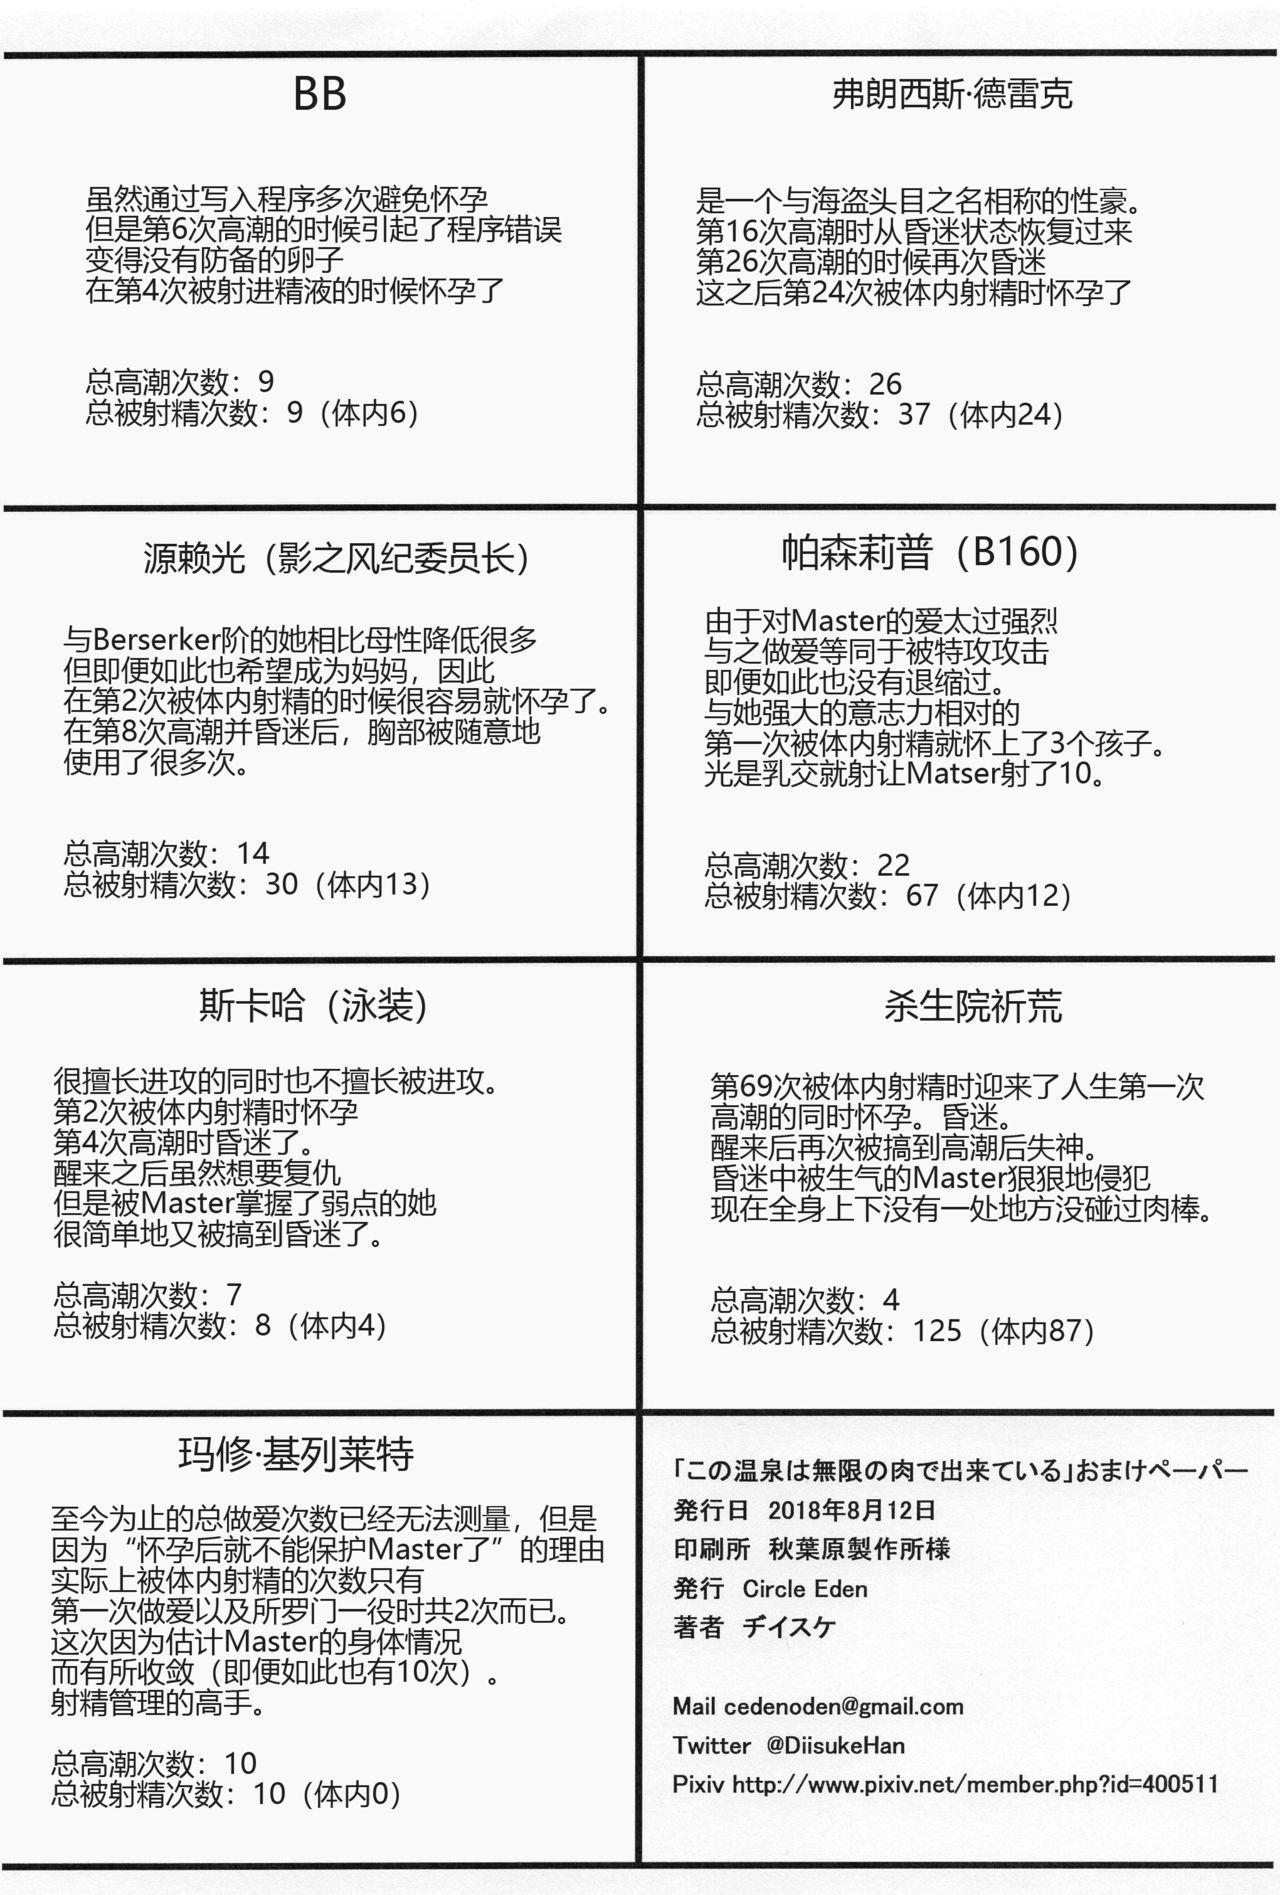 Kono Onsen wa Mugen no Niku de Dekite iru 27